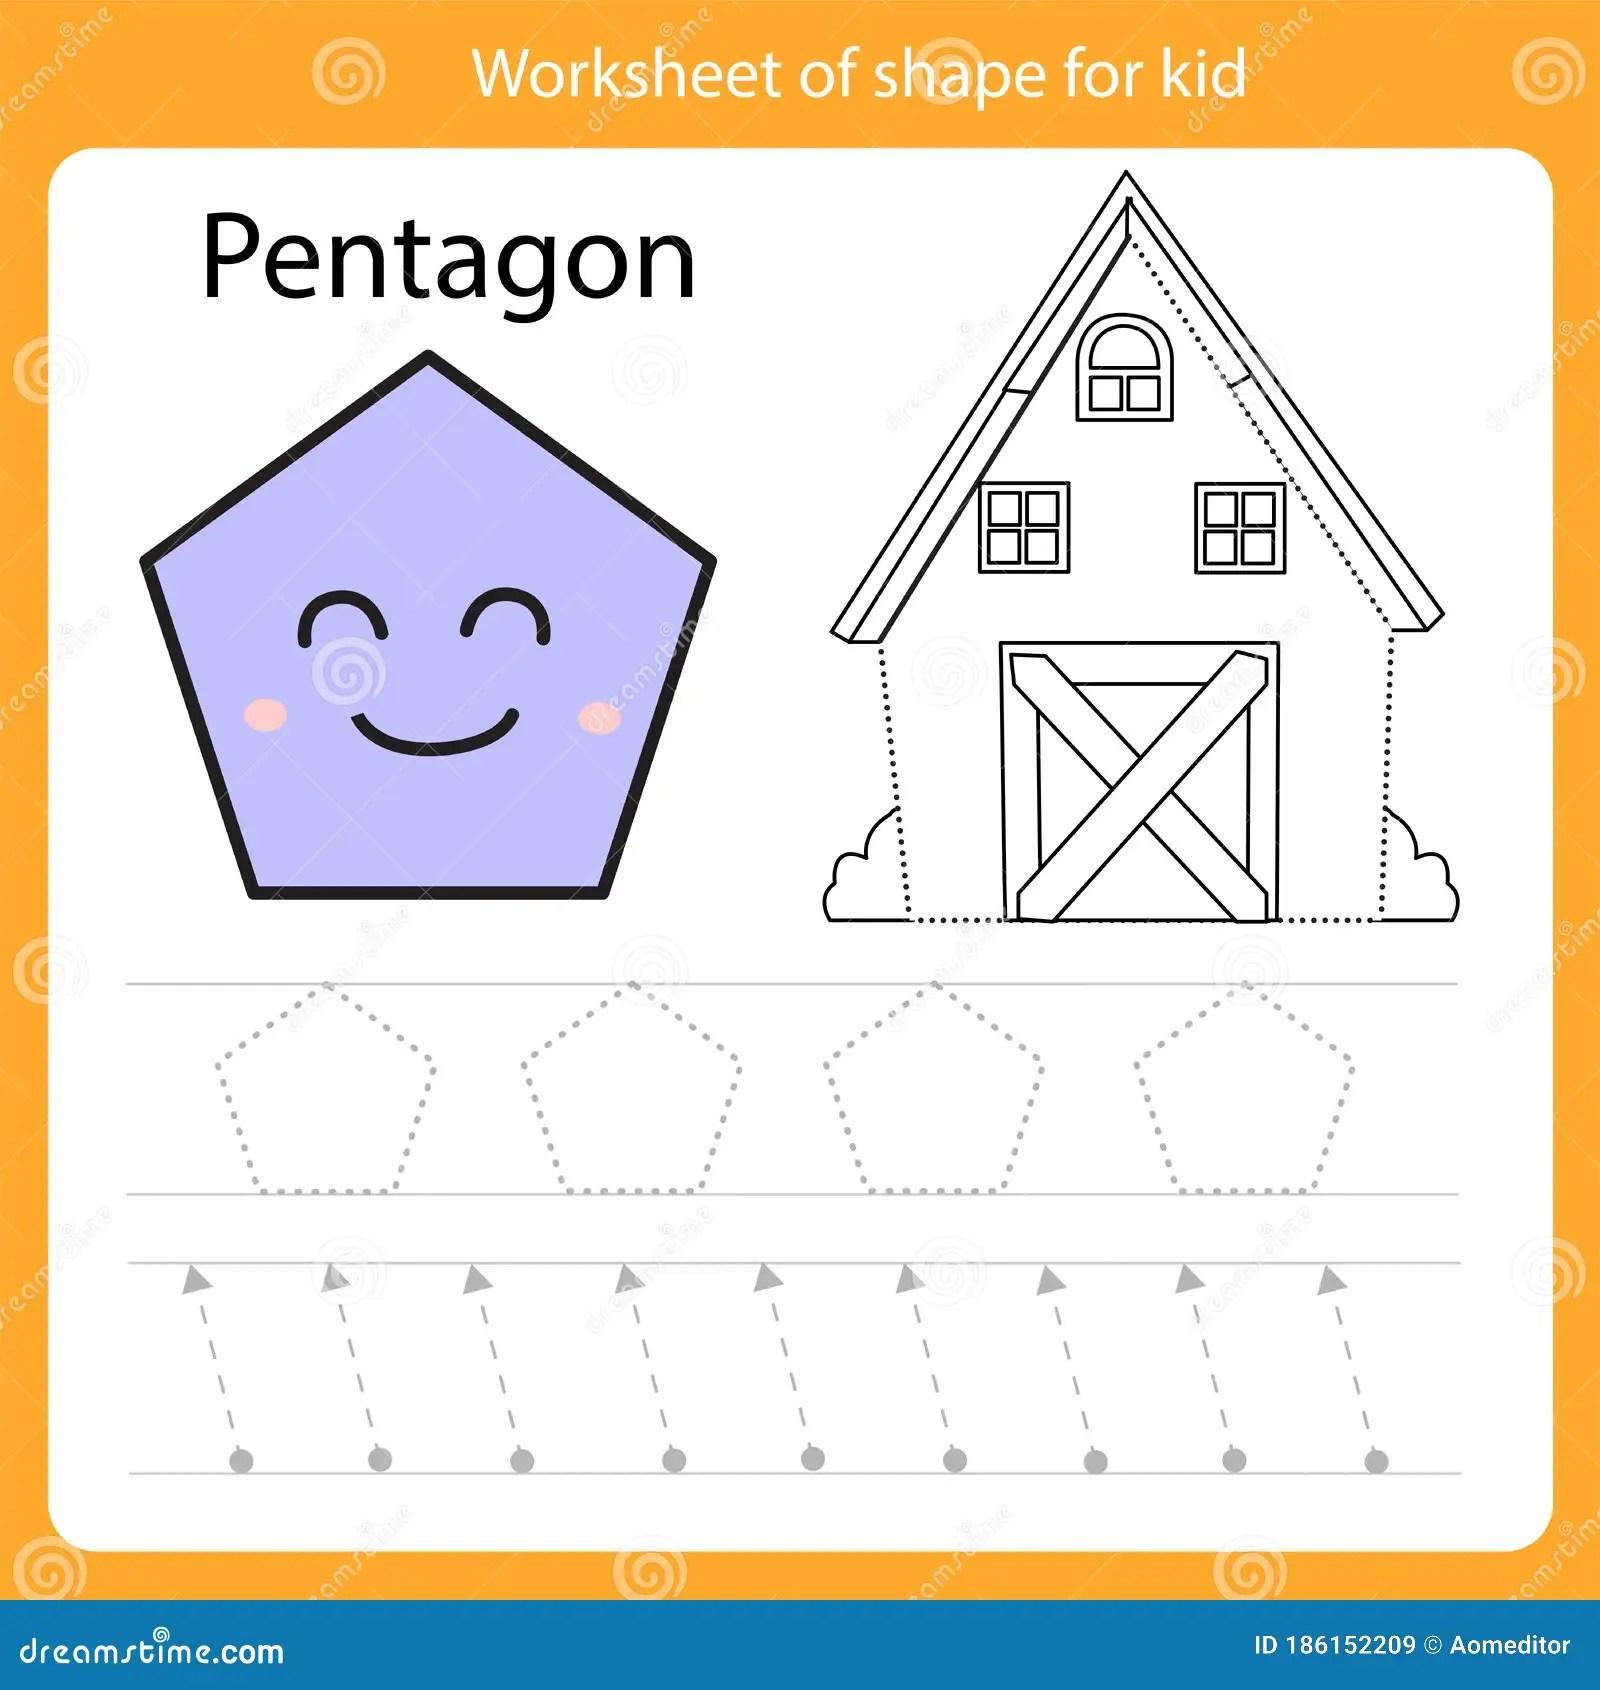 Illustrator Of Worksheet Of Shape For Kid Pentagon Stock